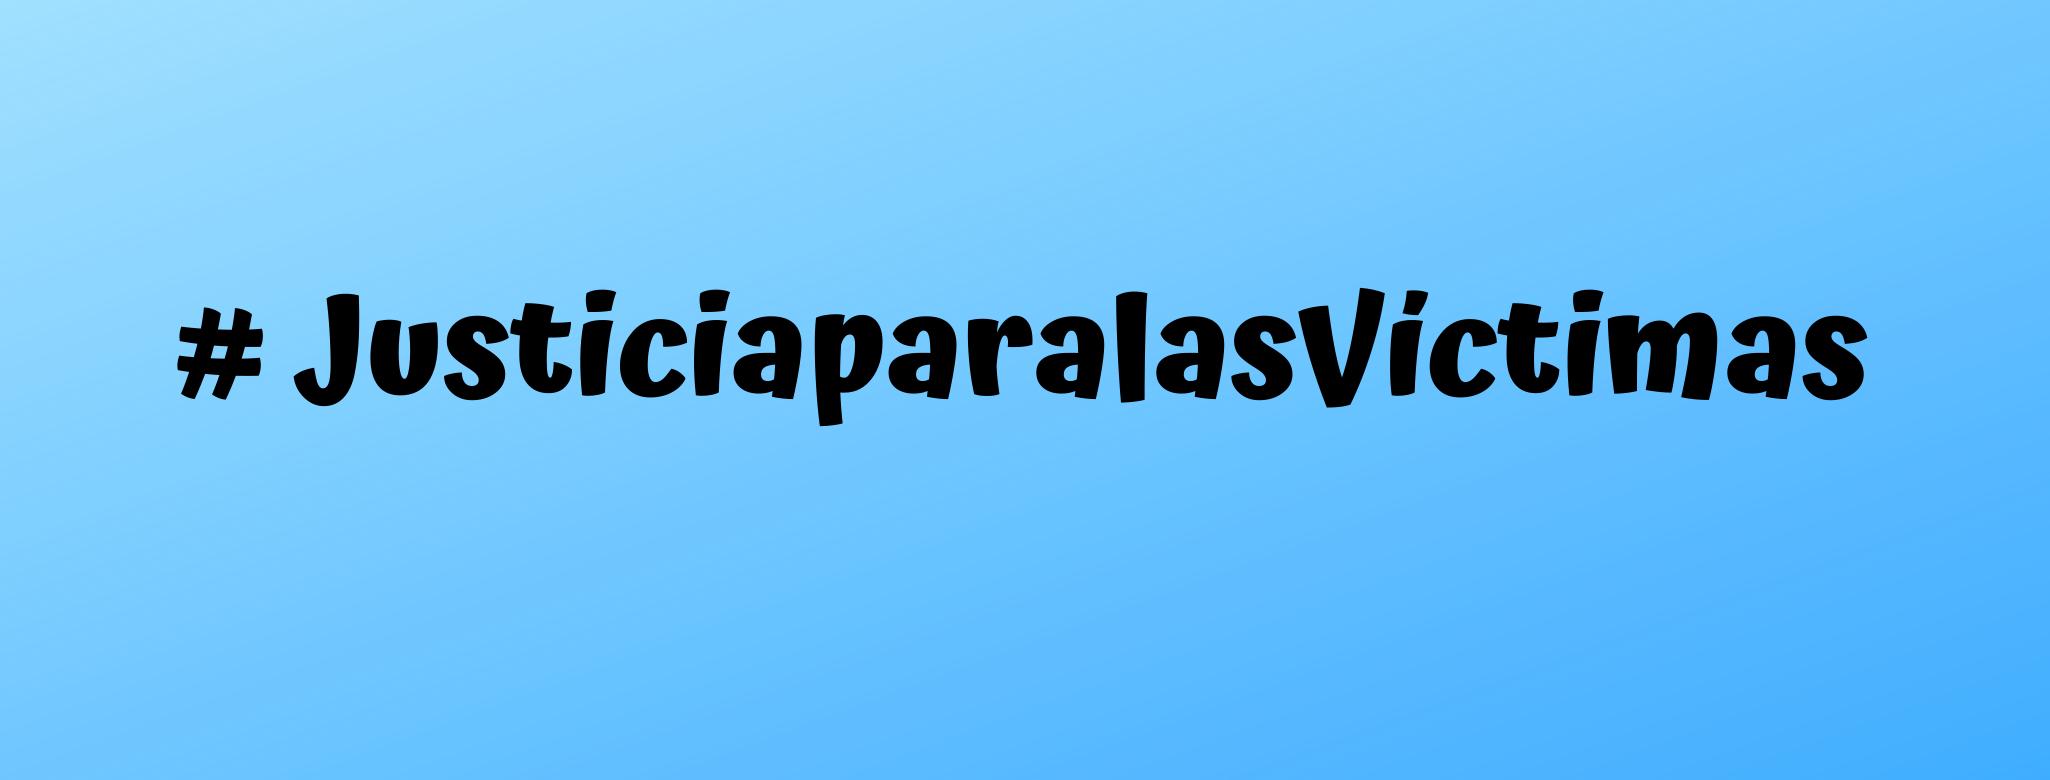 # JusticiaparalasVíctimas